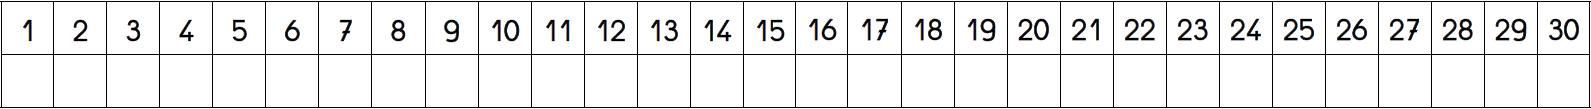 Bande numérique 1 à 30 en 2 parties + cases blanches